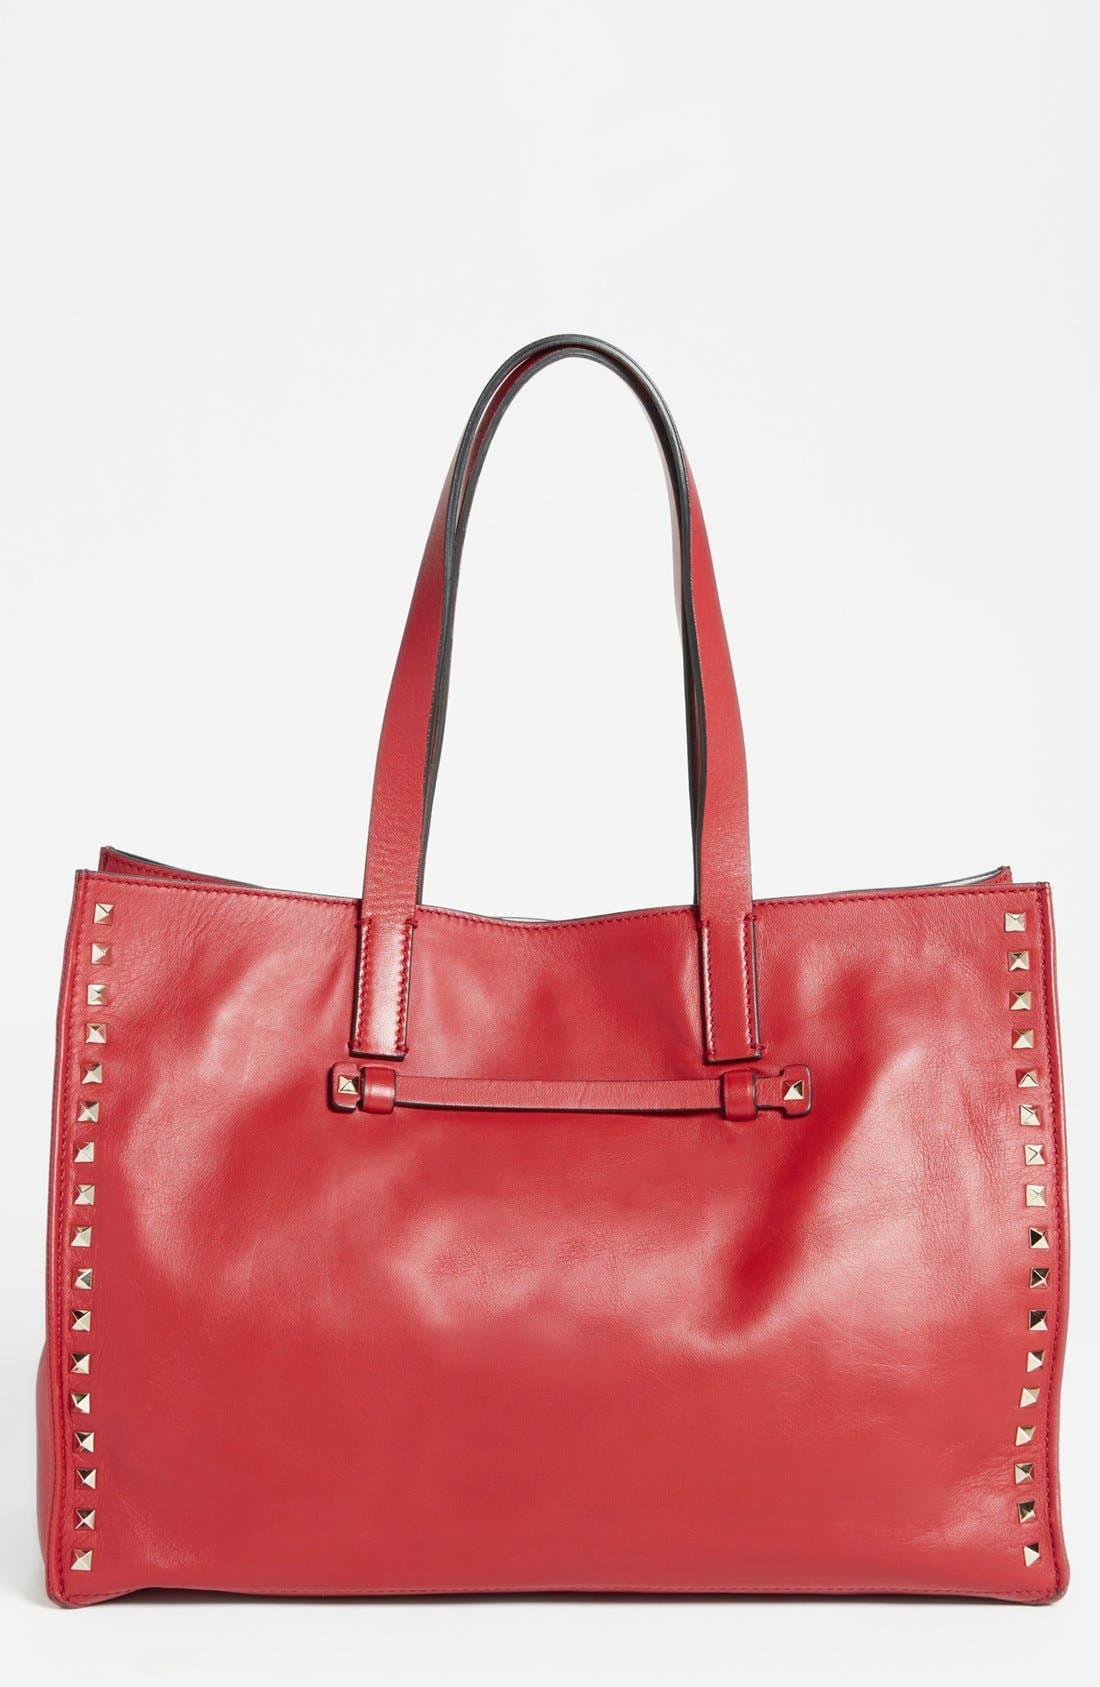 Main Image - Valentino 'Medium Rockstud' Leather Tote